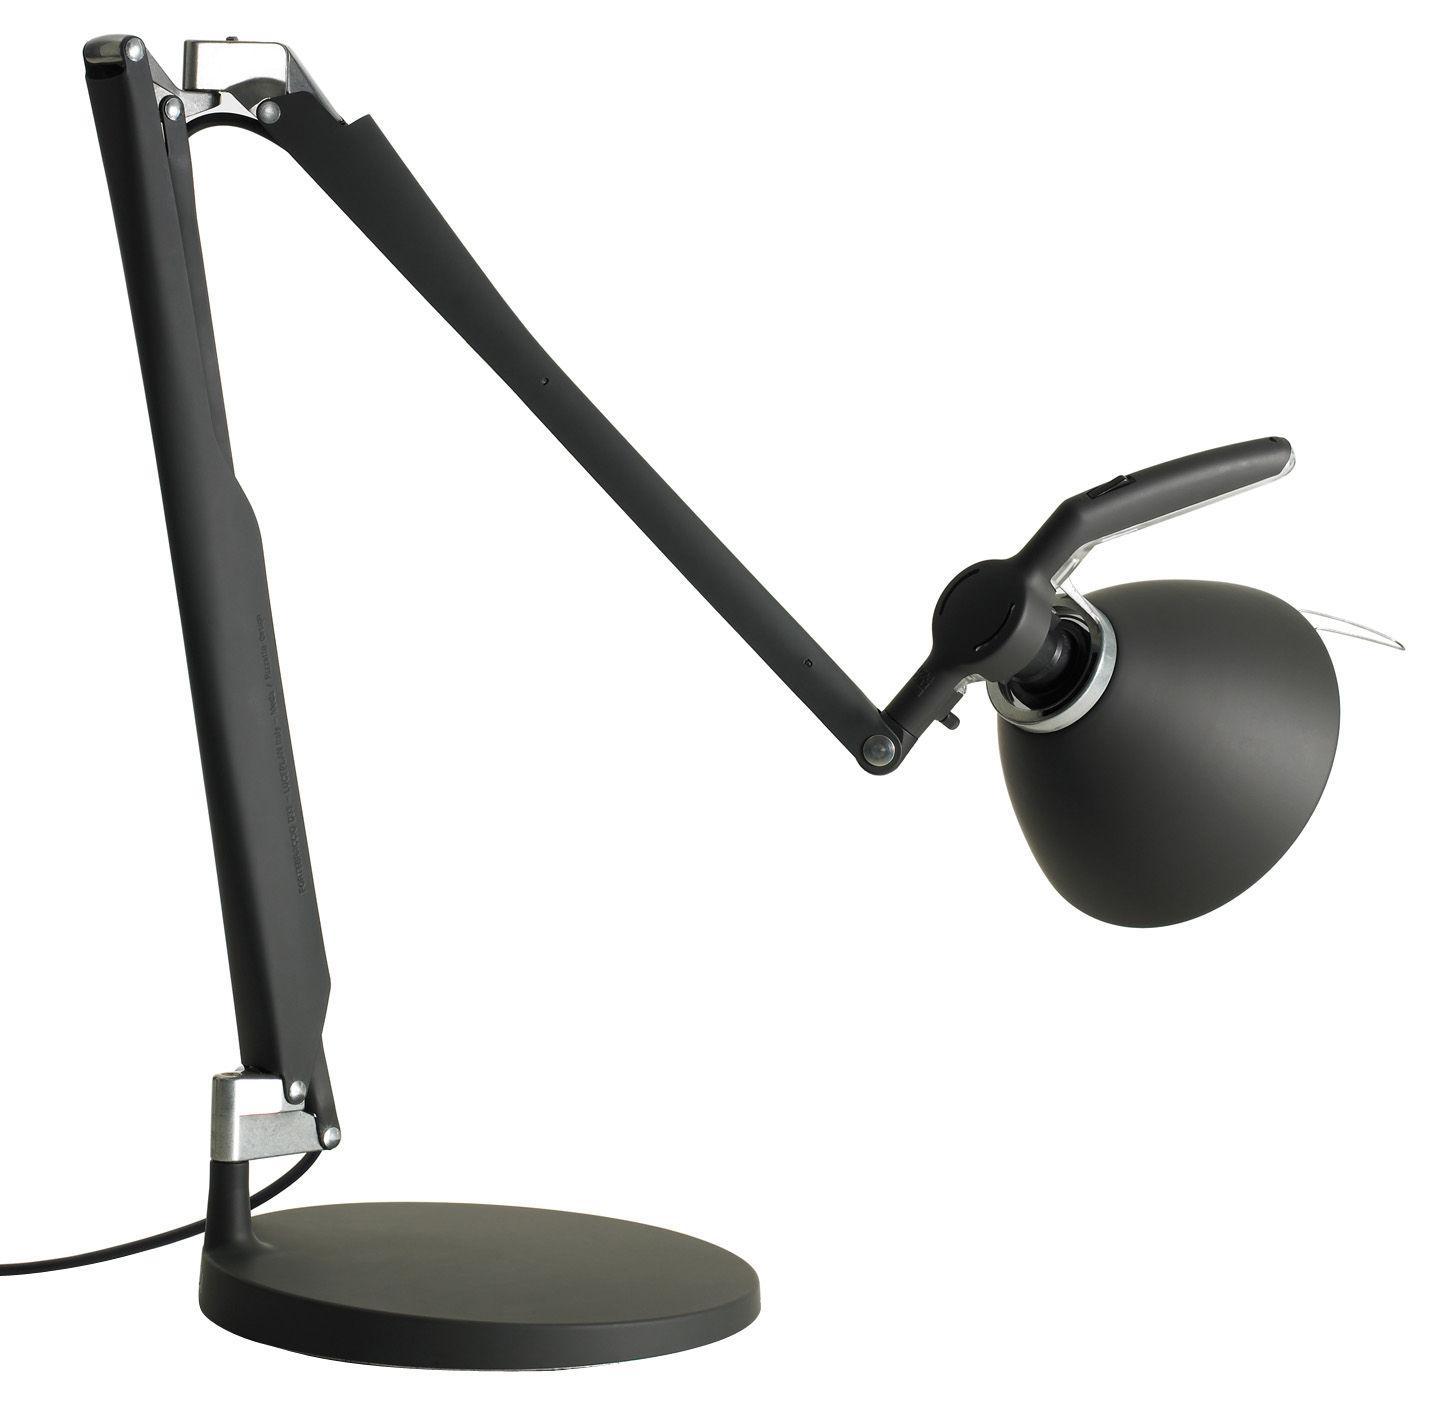 Luminaire - Lampes de table - Lampe de table Fortebraccio variateur - Luceplan - Noir - Acier verni